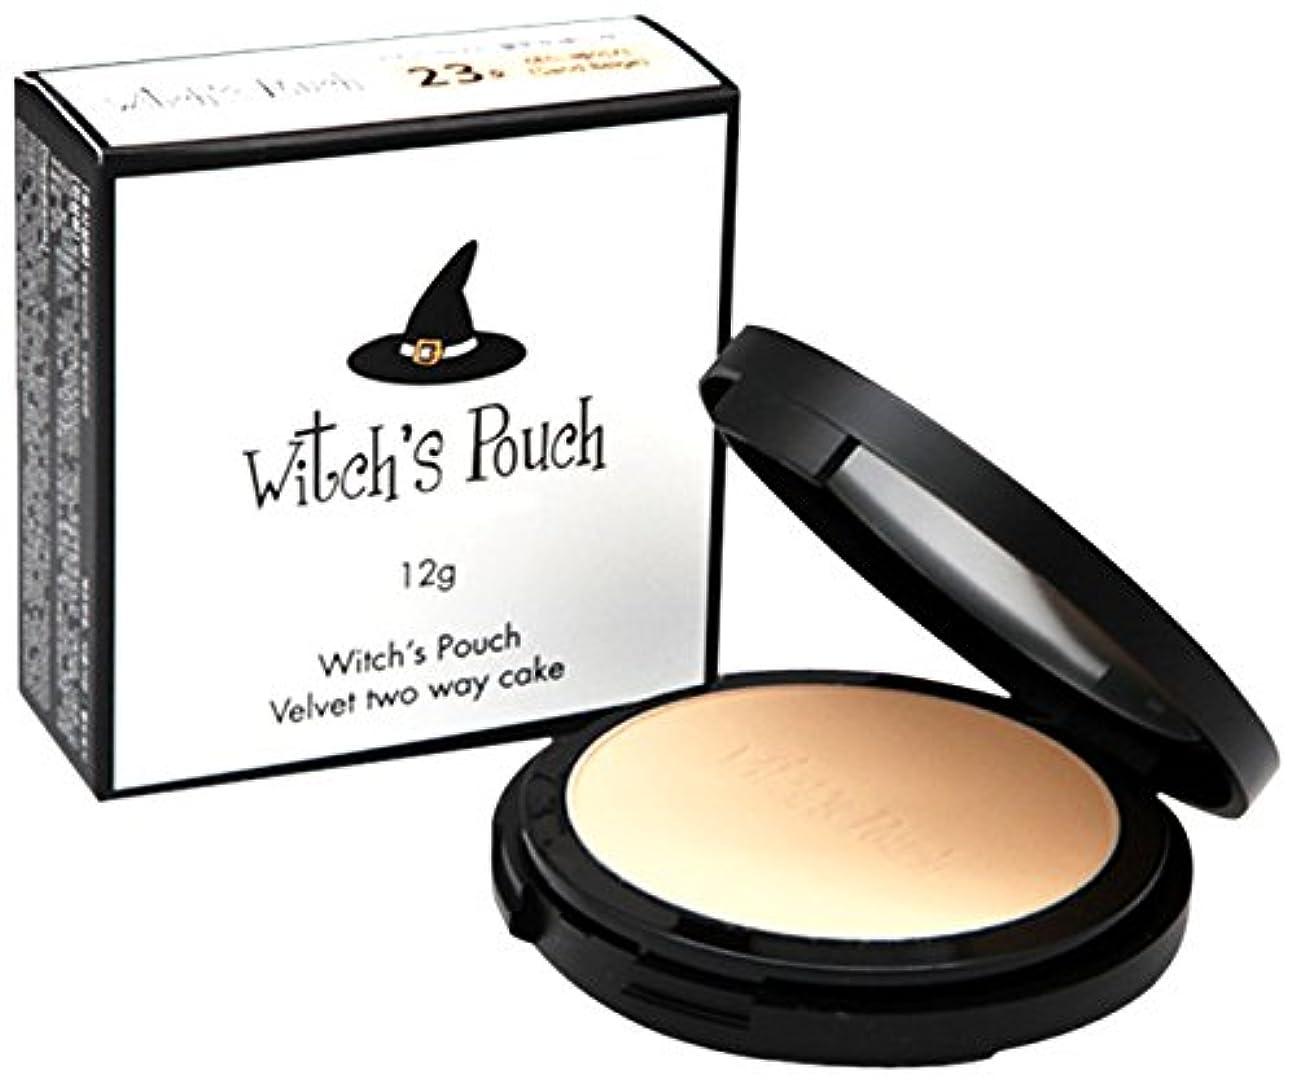 控える大きい有能なWitch's Pouch ウィッチズポーチ ヴェルベットトゥーウェイケーキ 21ナチュラルベージュ